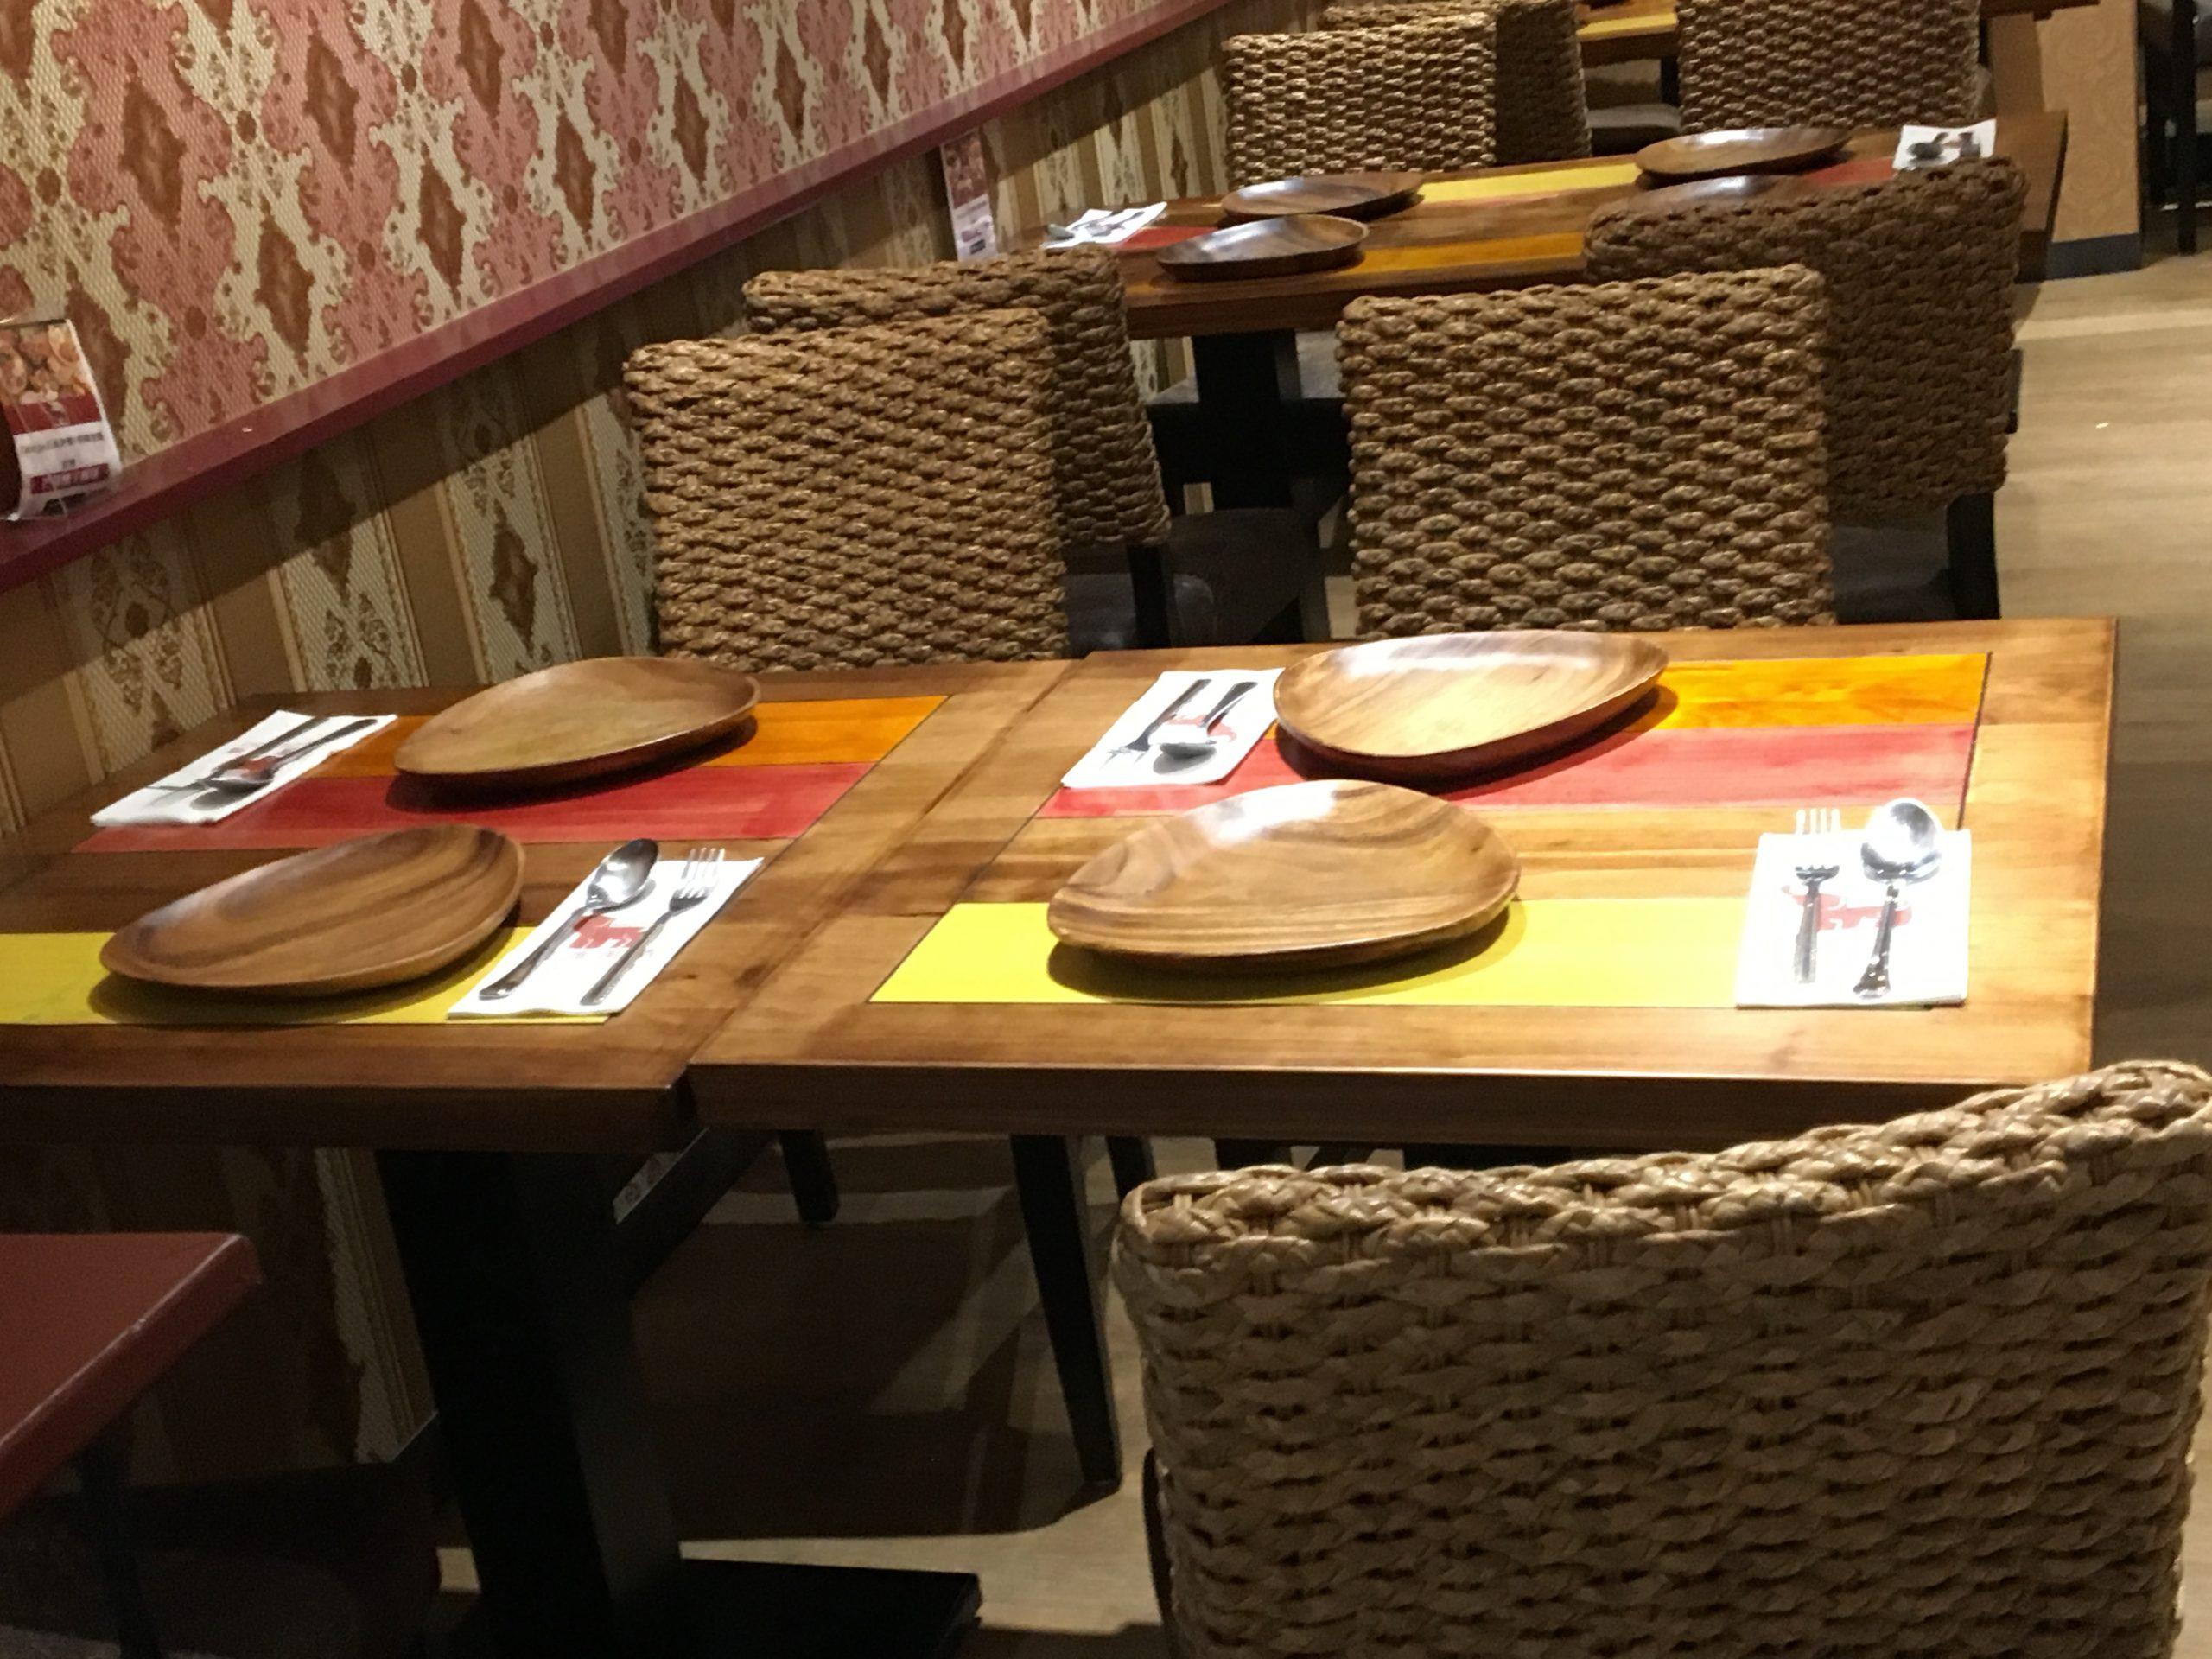 【好吃餐廳】台北印度風情師大店印度料理正宗推薦(影片:教你怎麼吃芒果酸子酥球) 1